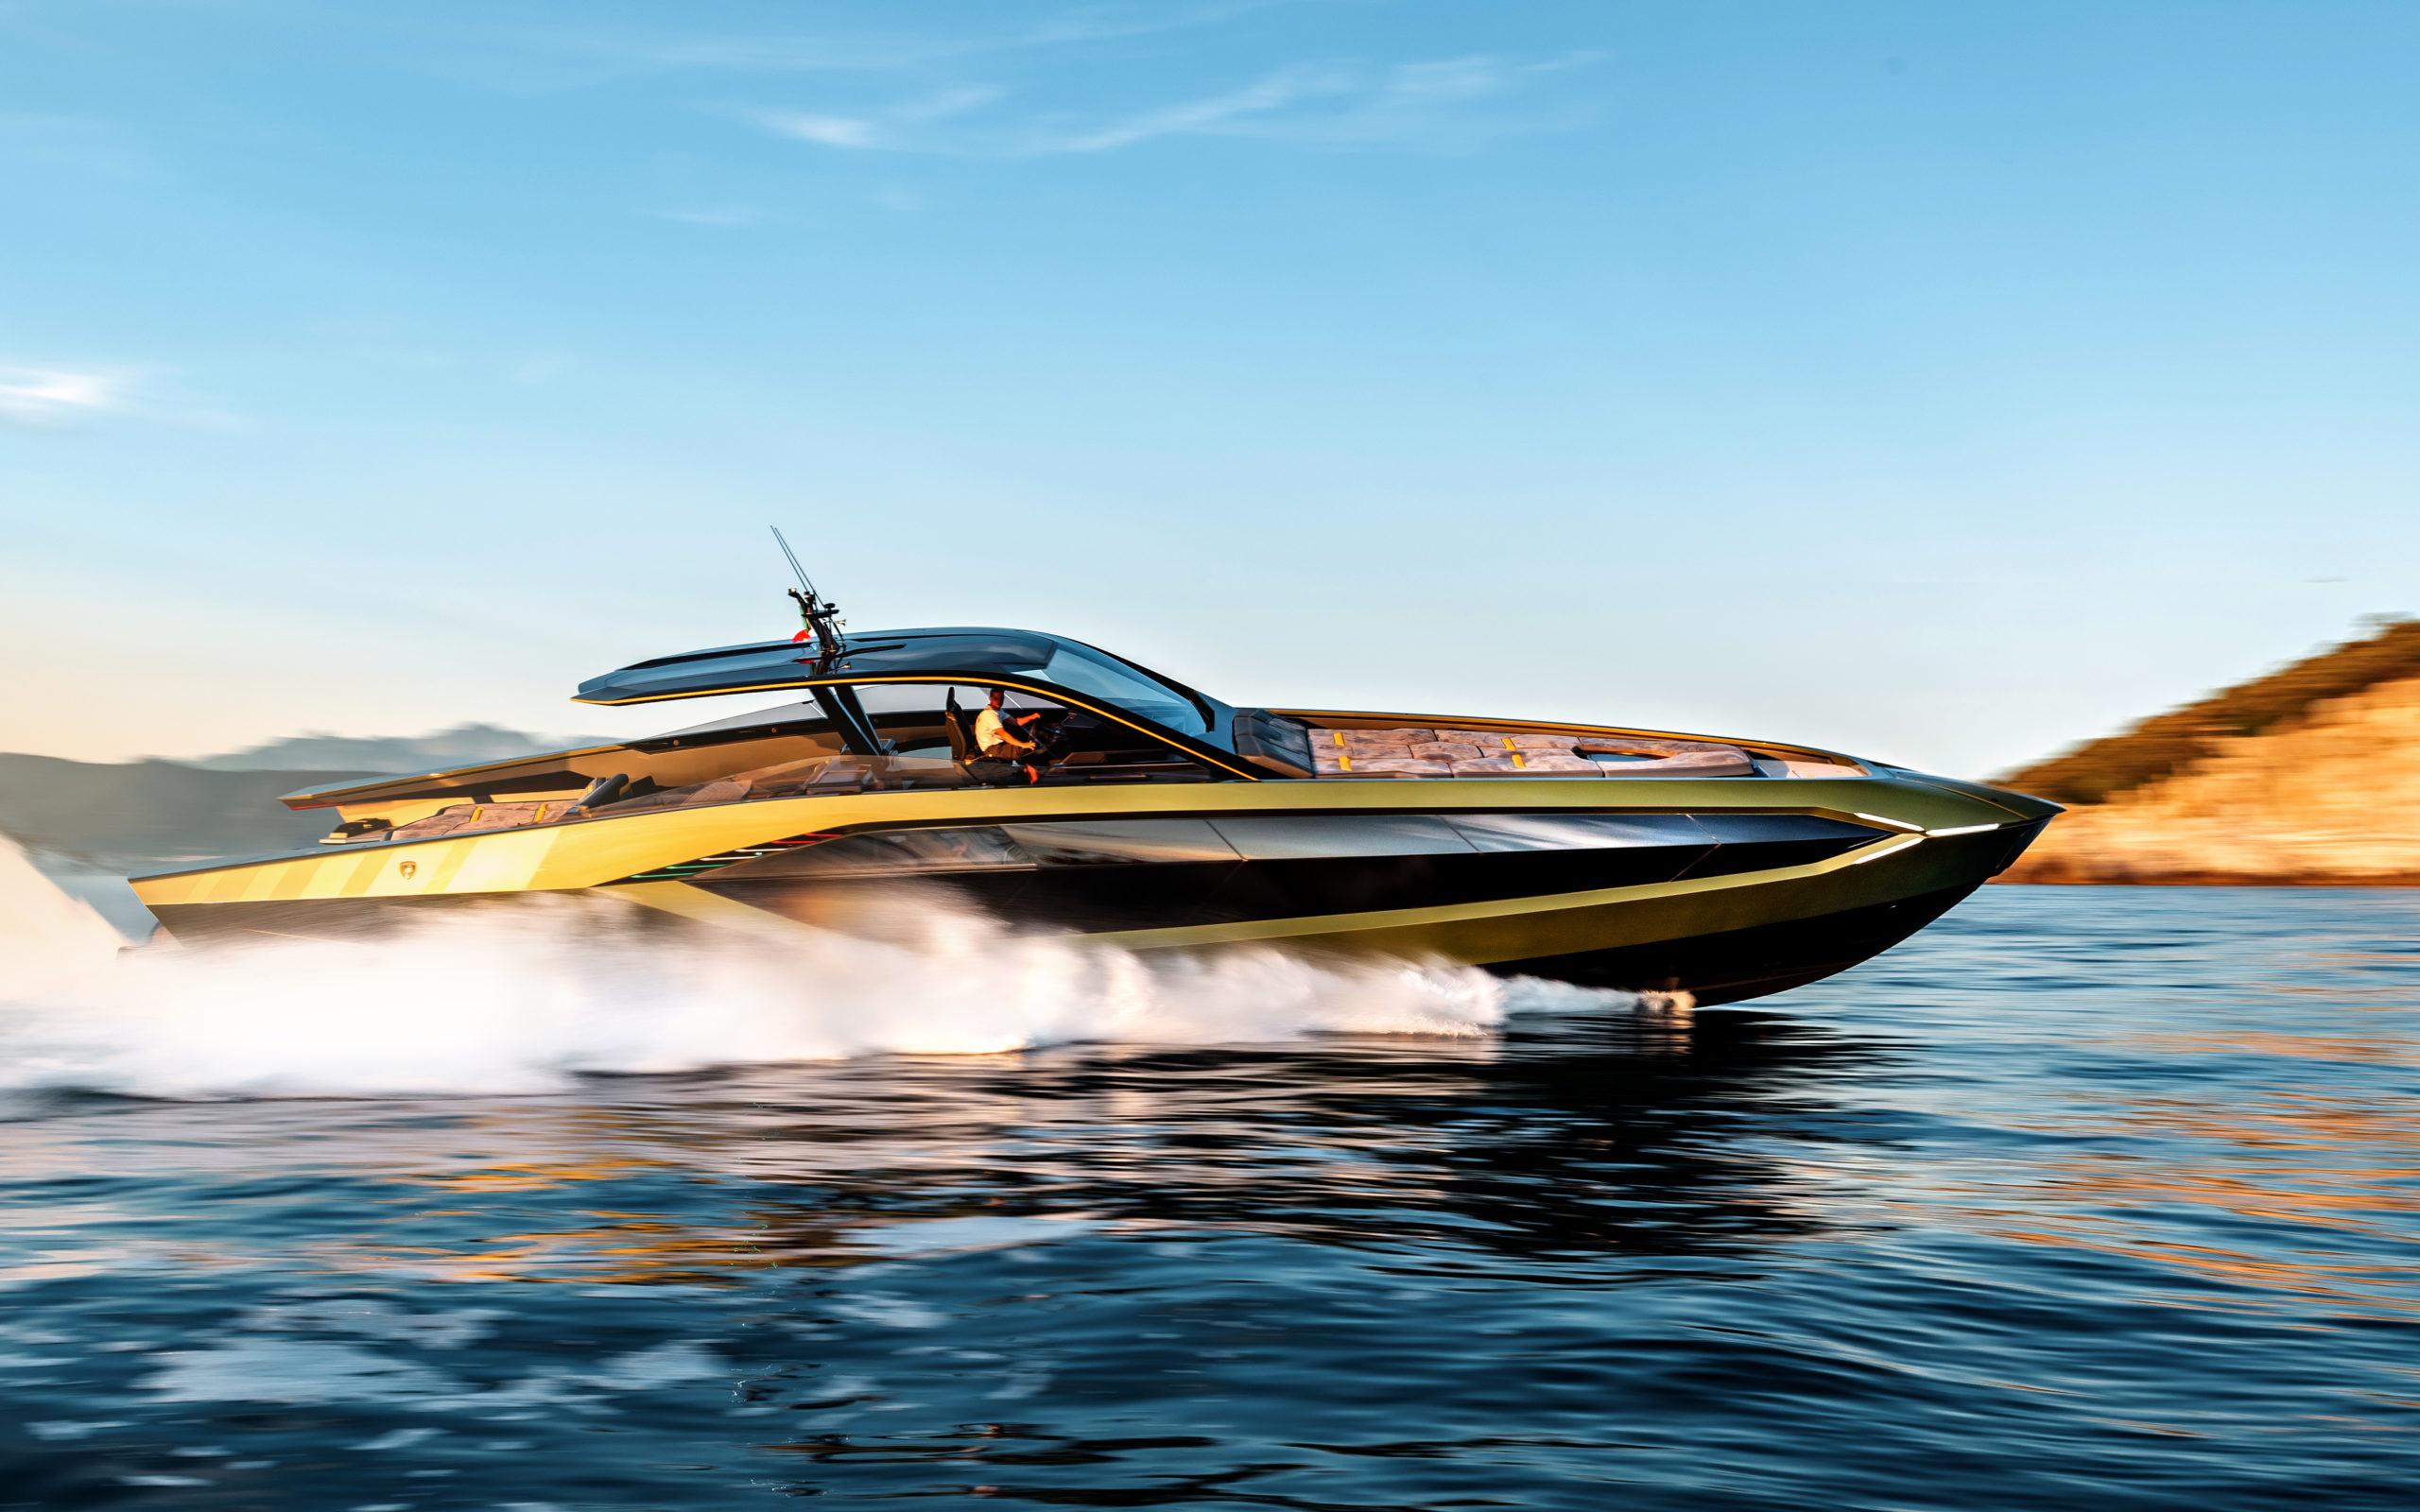 Lamborghini-boat-delivered-running-shot-credit-tecnomar